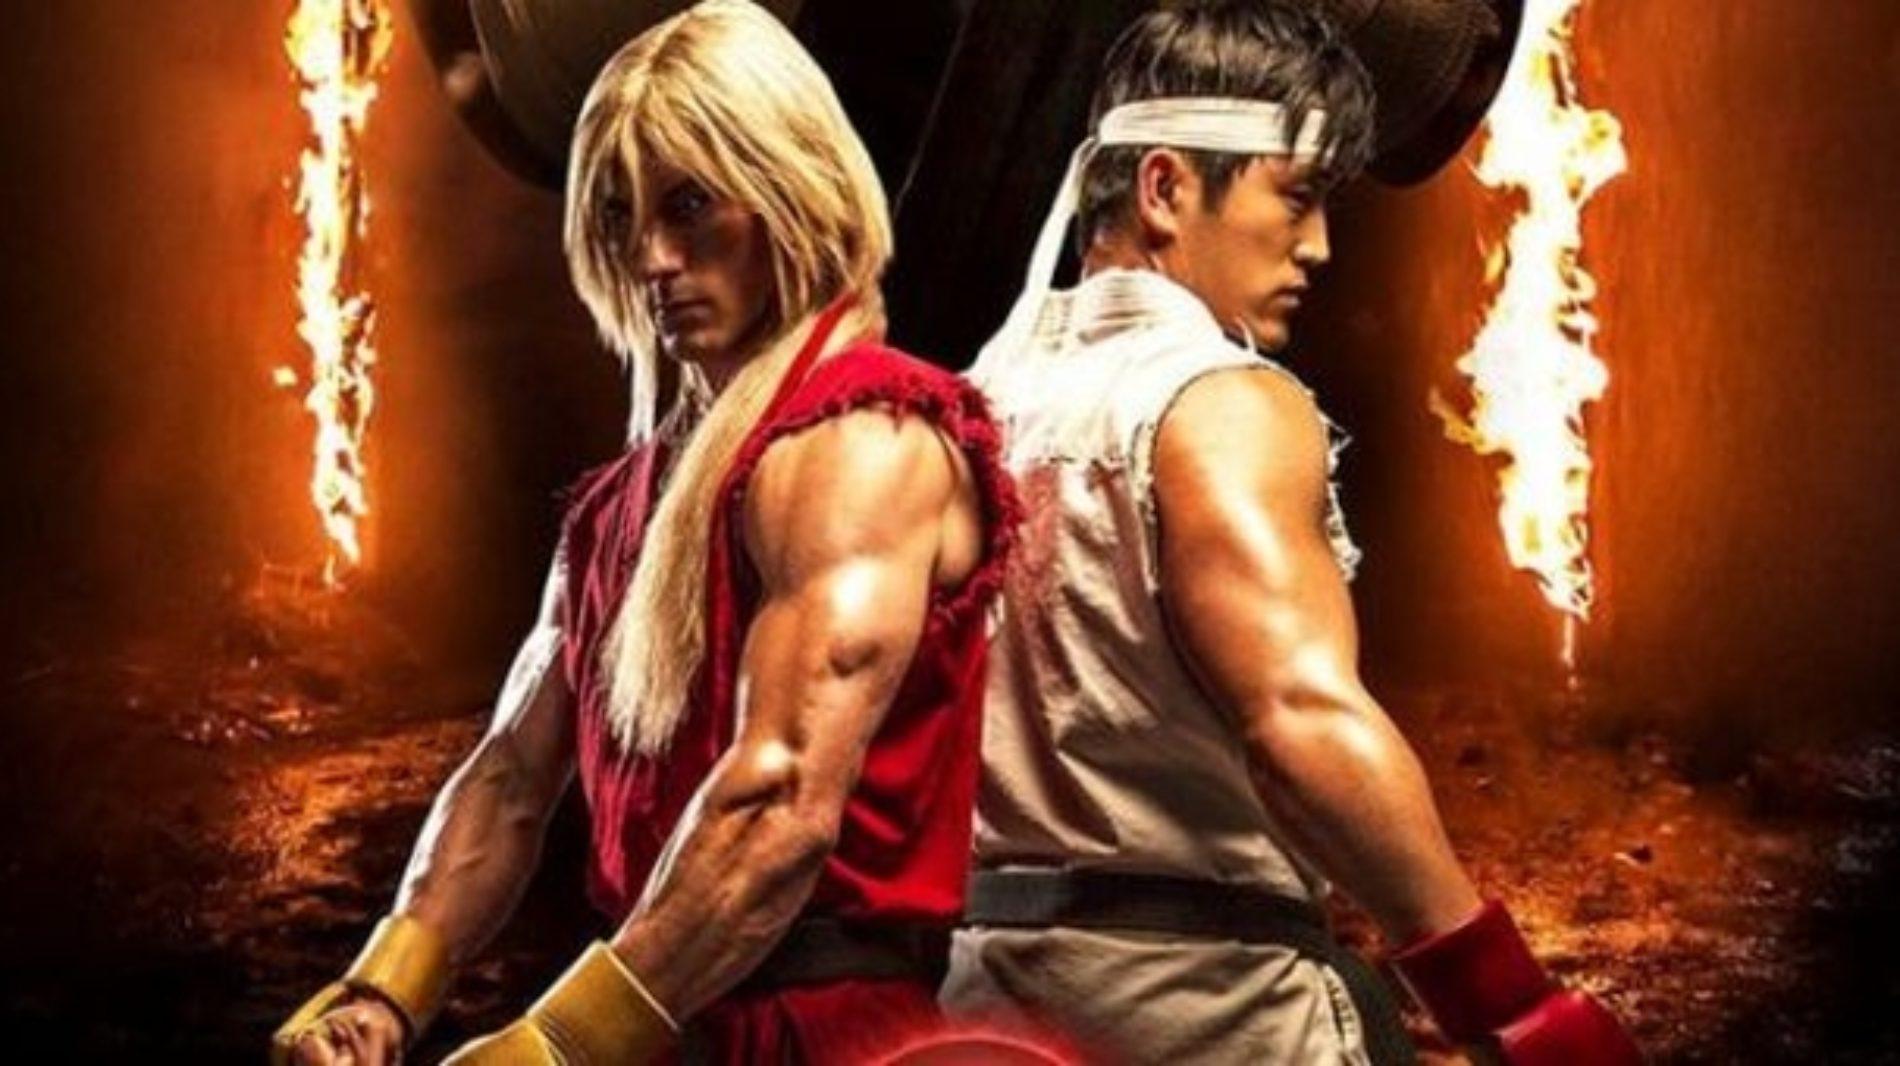 Ya esta aquí la serie para televisión de Street Fighter